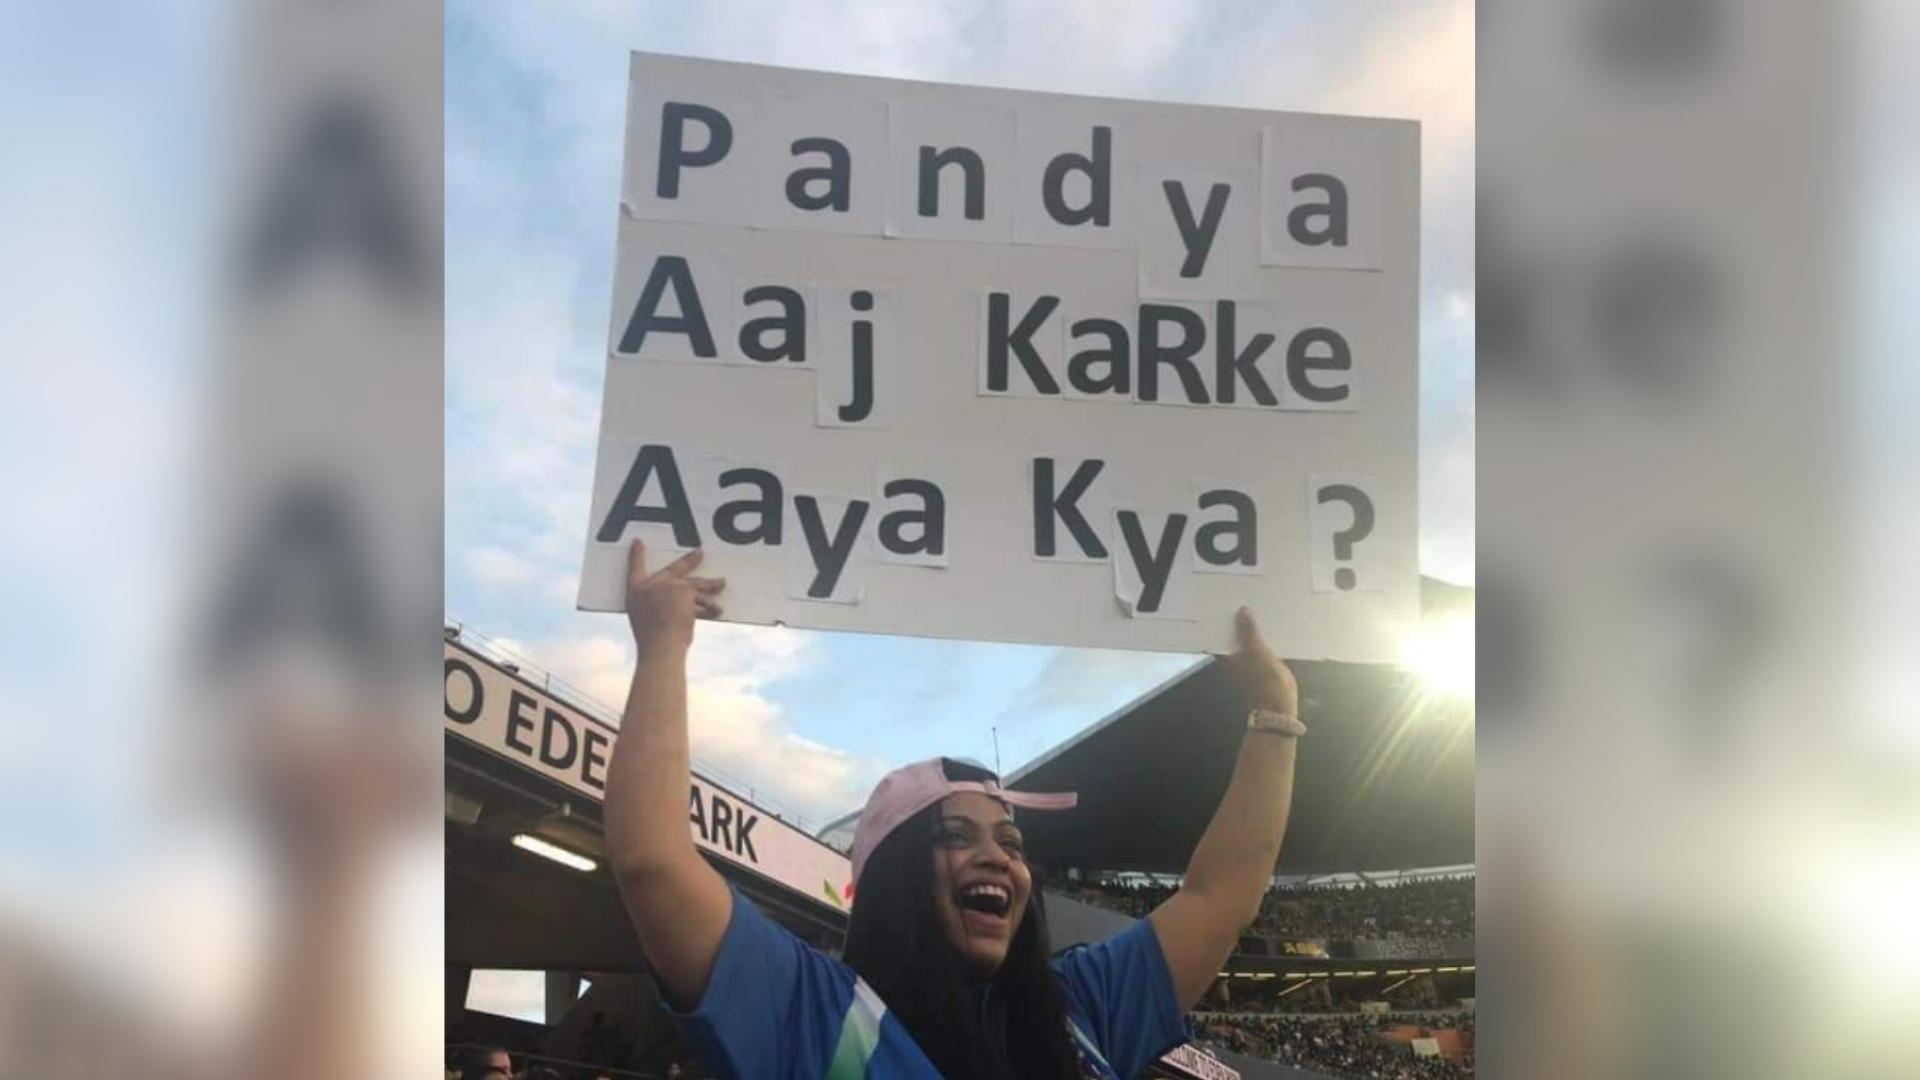 Girl Trolls Hardik Pandya, Flashes 'Aaj Karke Aaya Kya?' Placard